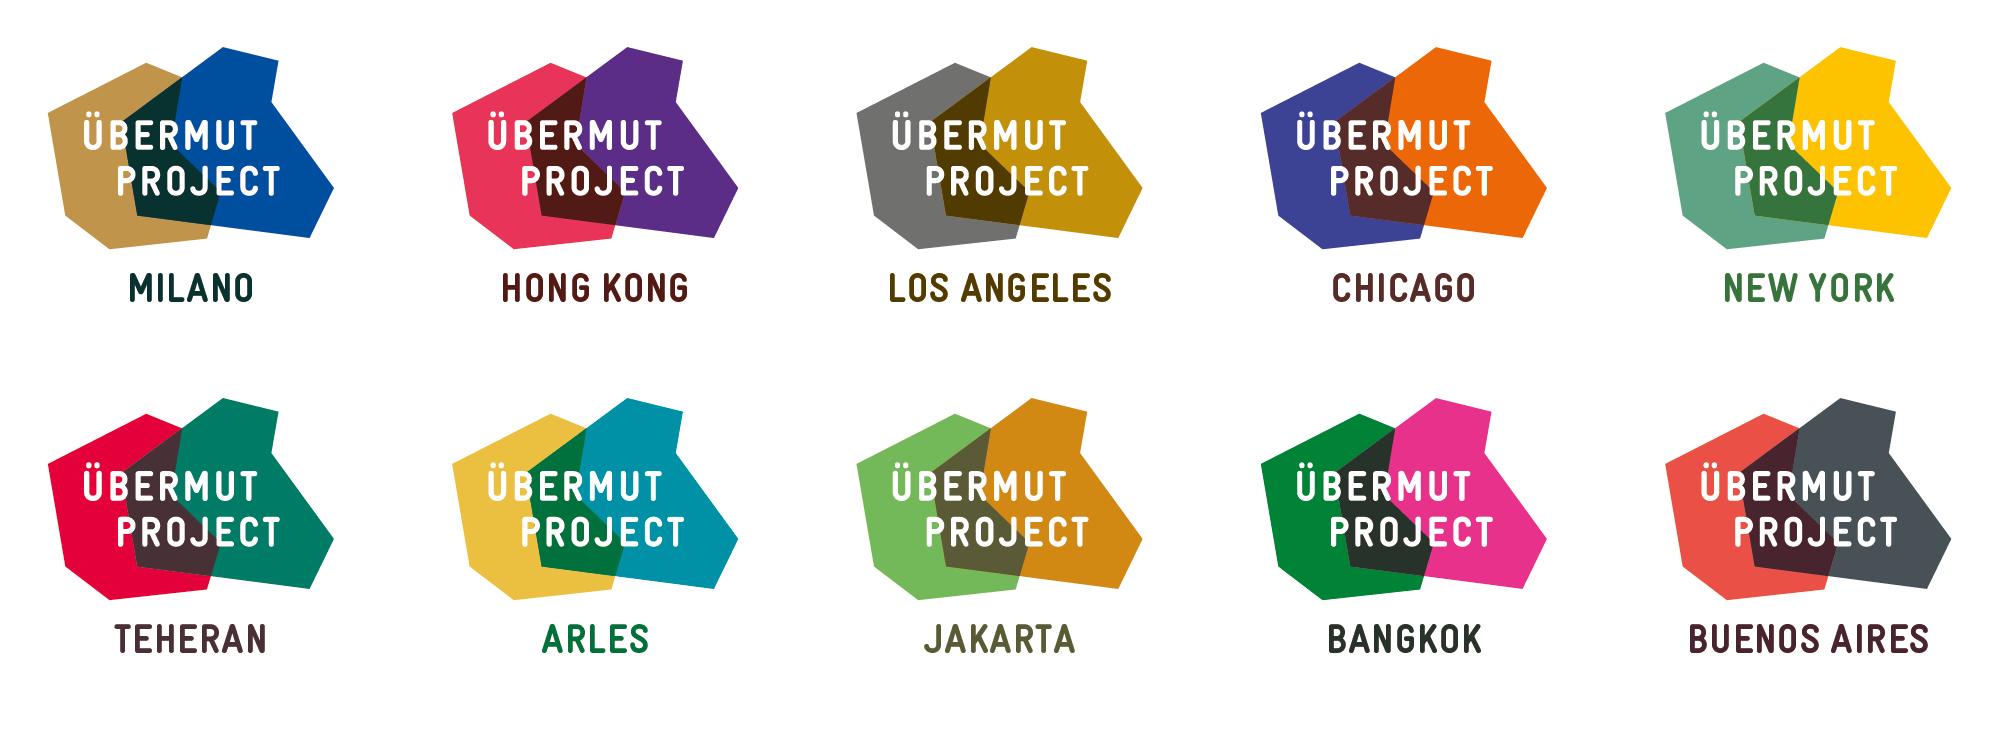 venue_logos.jpg